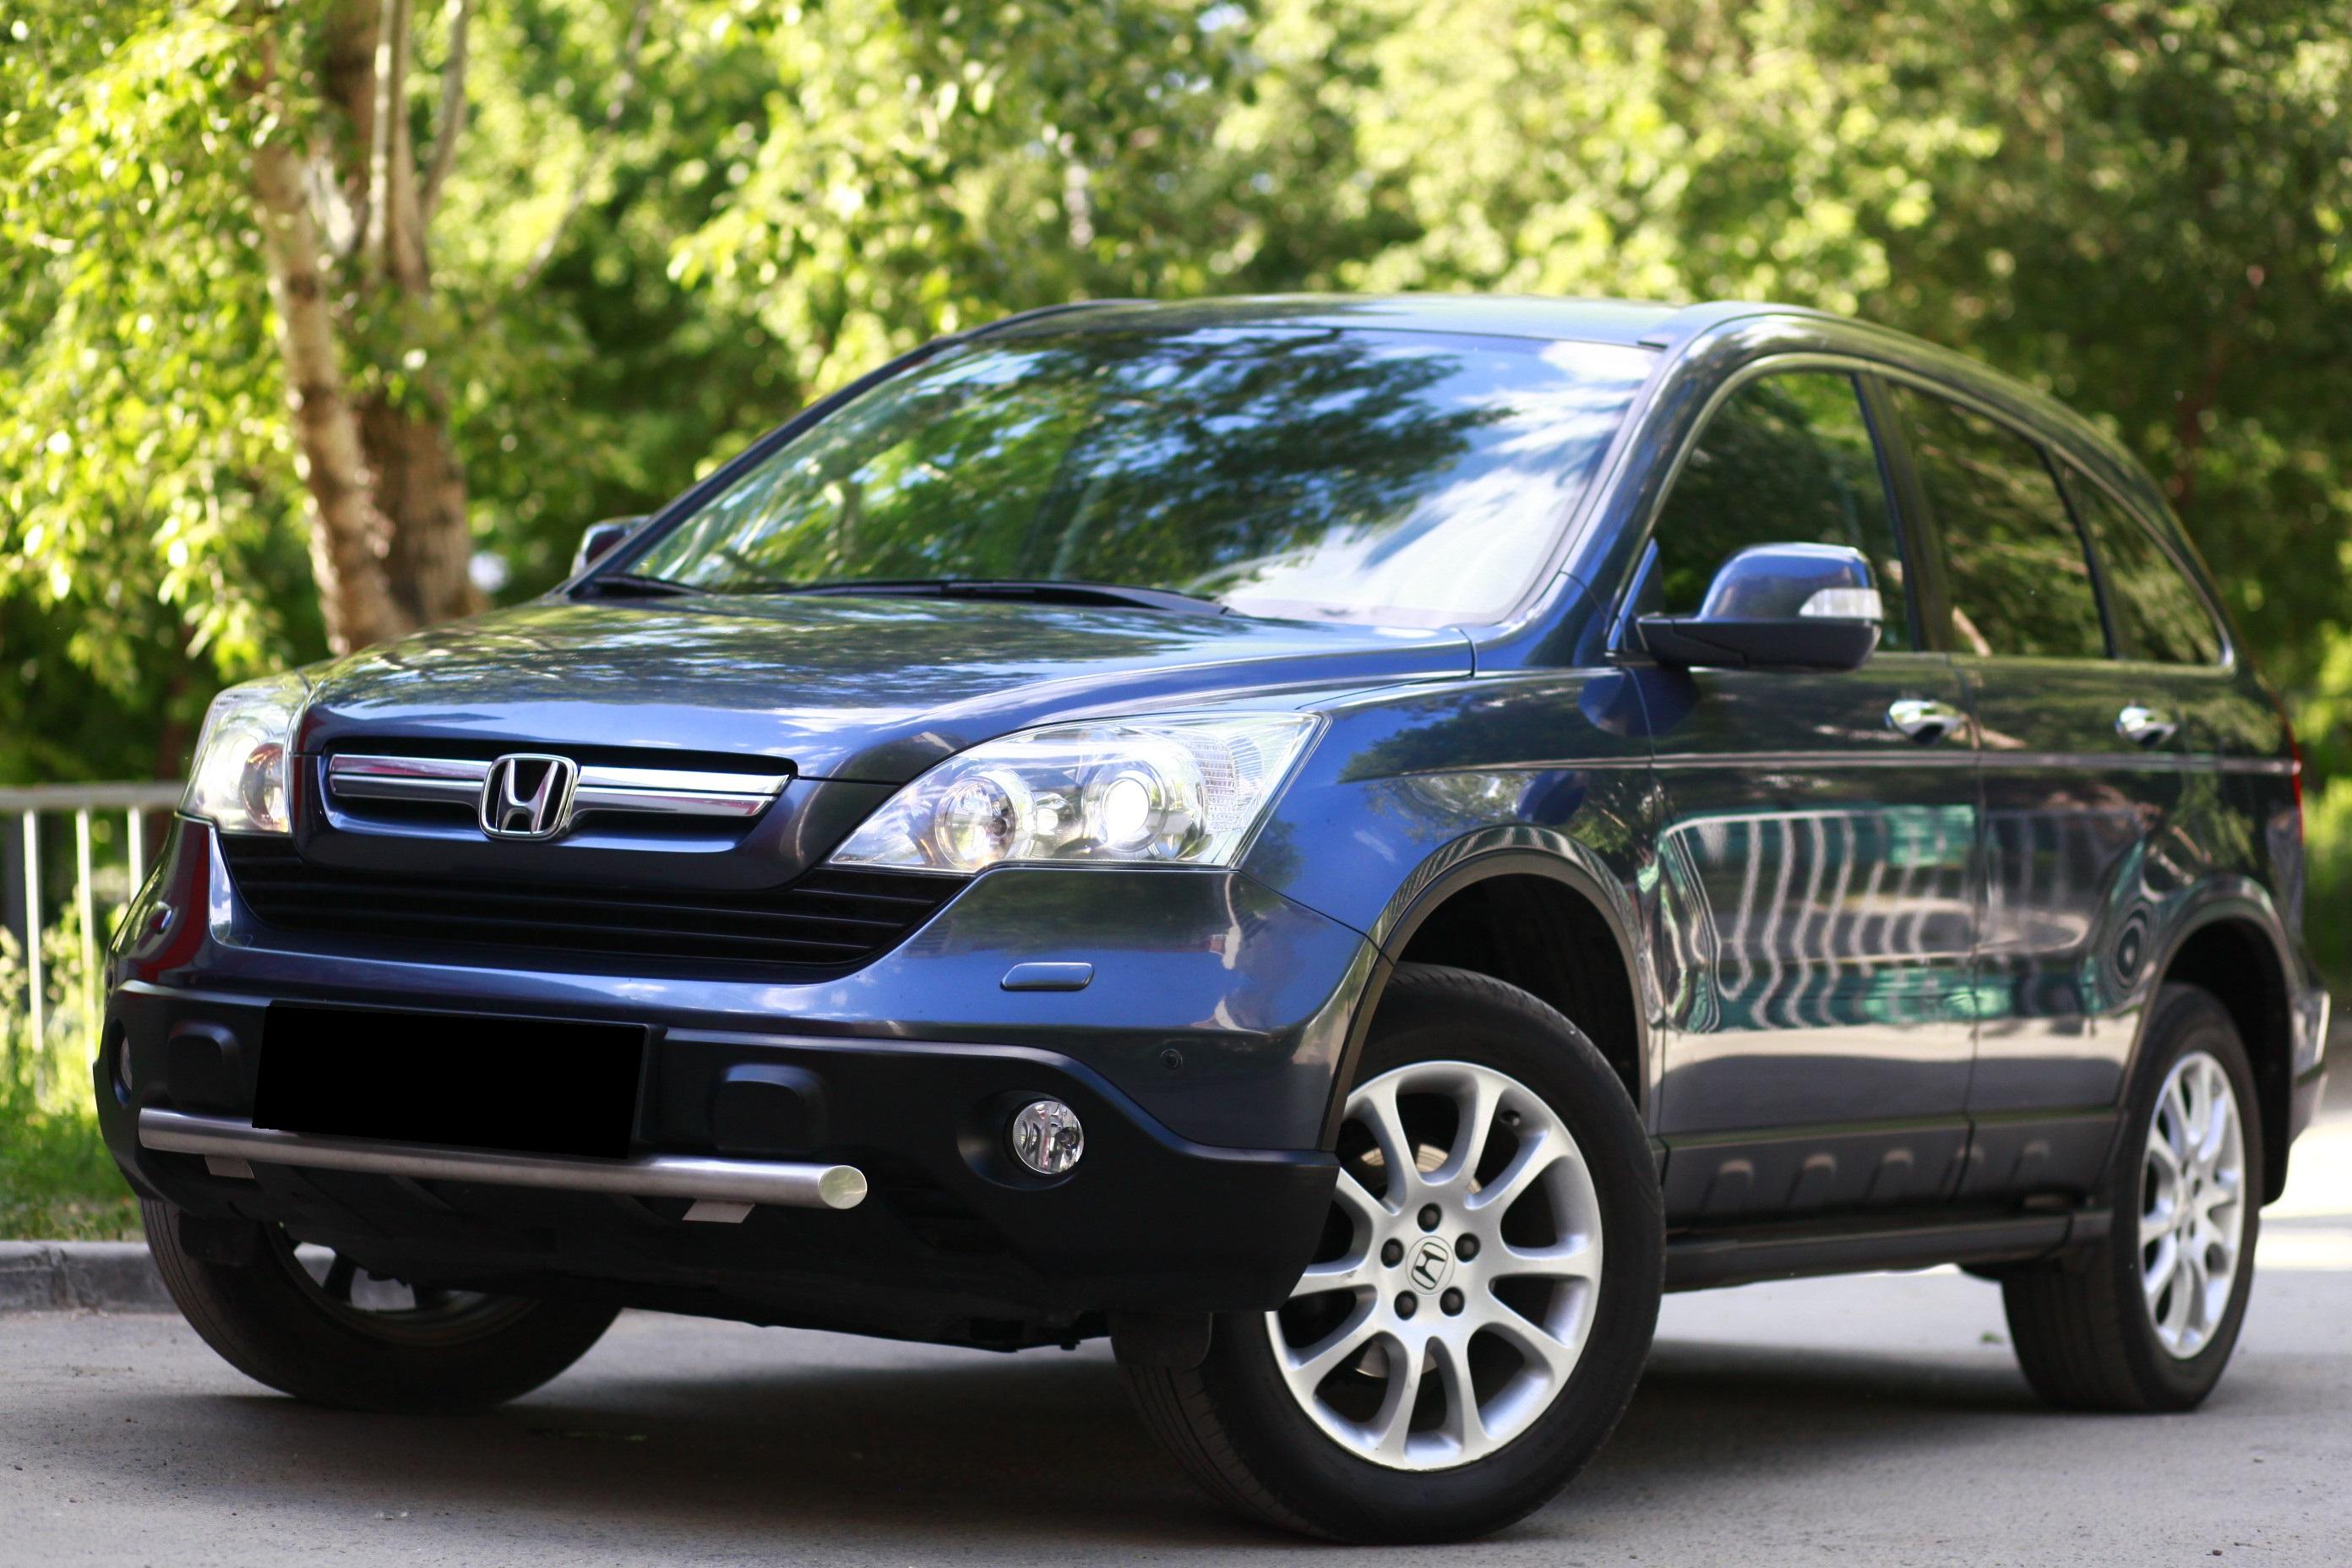 Honda CR-V 835 000 руб